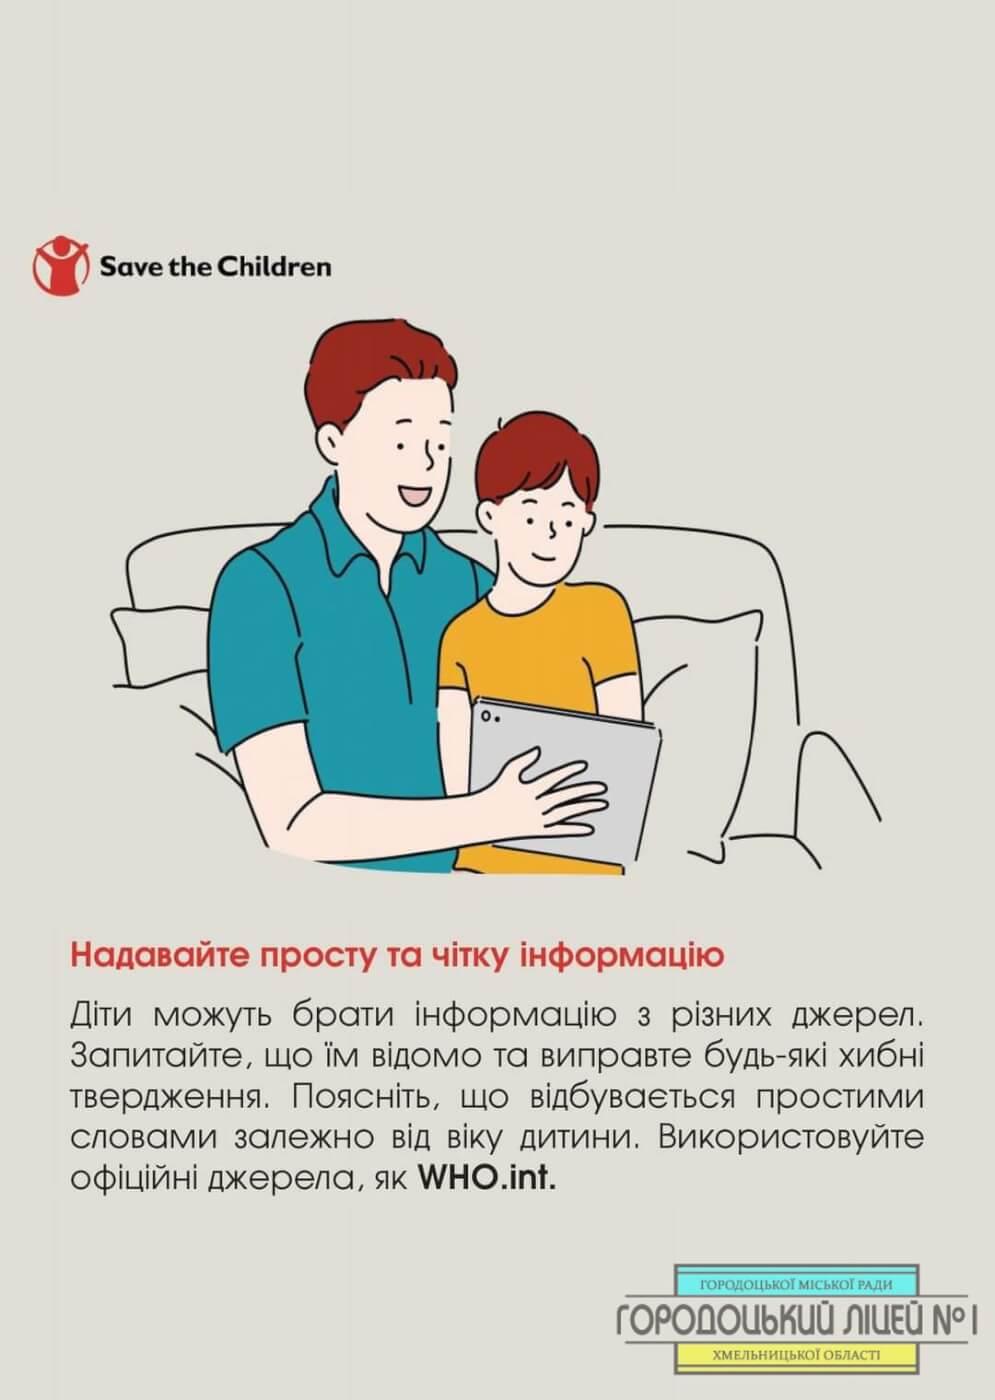 zobrazhennya viber 2021 03 29 11 22 039 - Діти на карантині. Поради для батьків